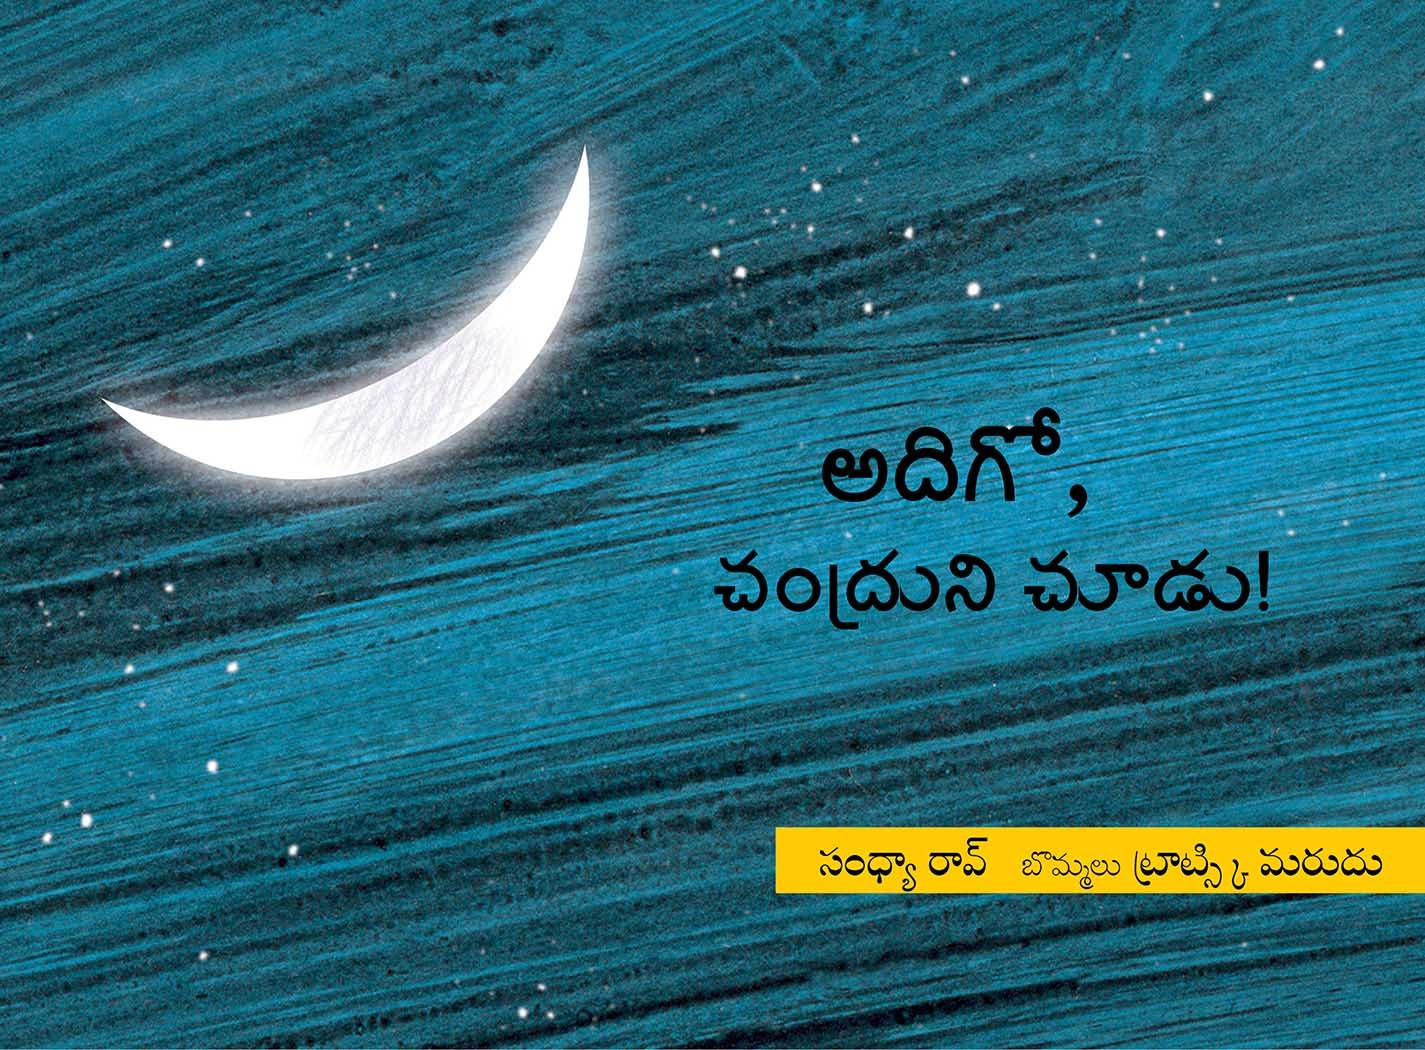 Look, The Moon!/Adigo, Chandruni Choodu! (Telugu)